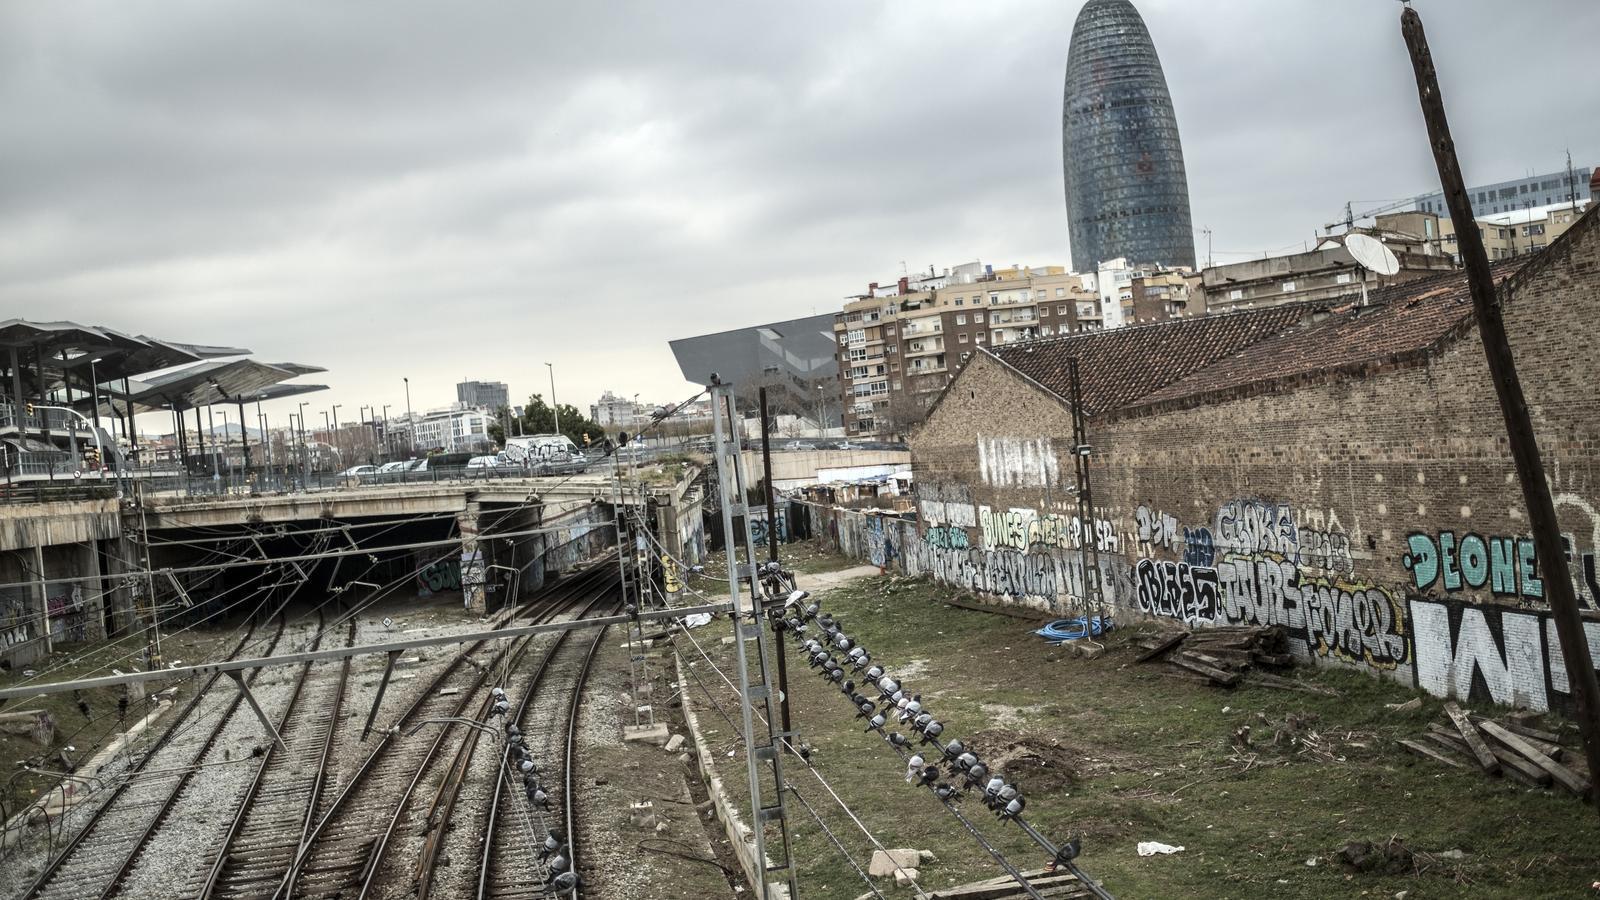 Aspecte del barri del Poblenou, amb descampats i naus industrials en desús.